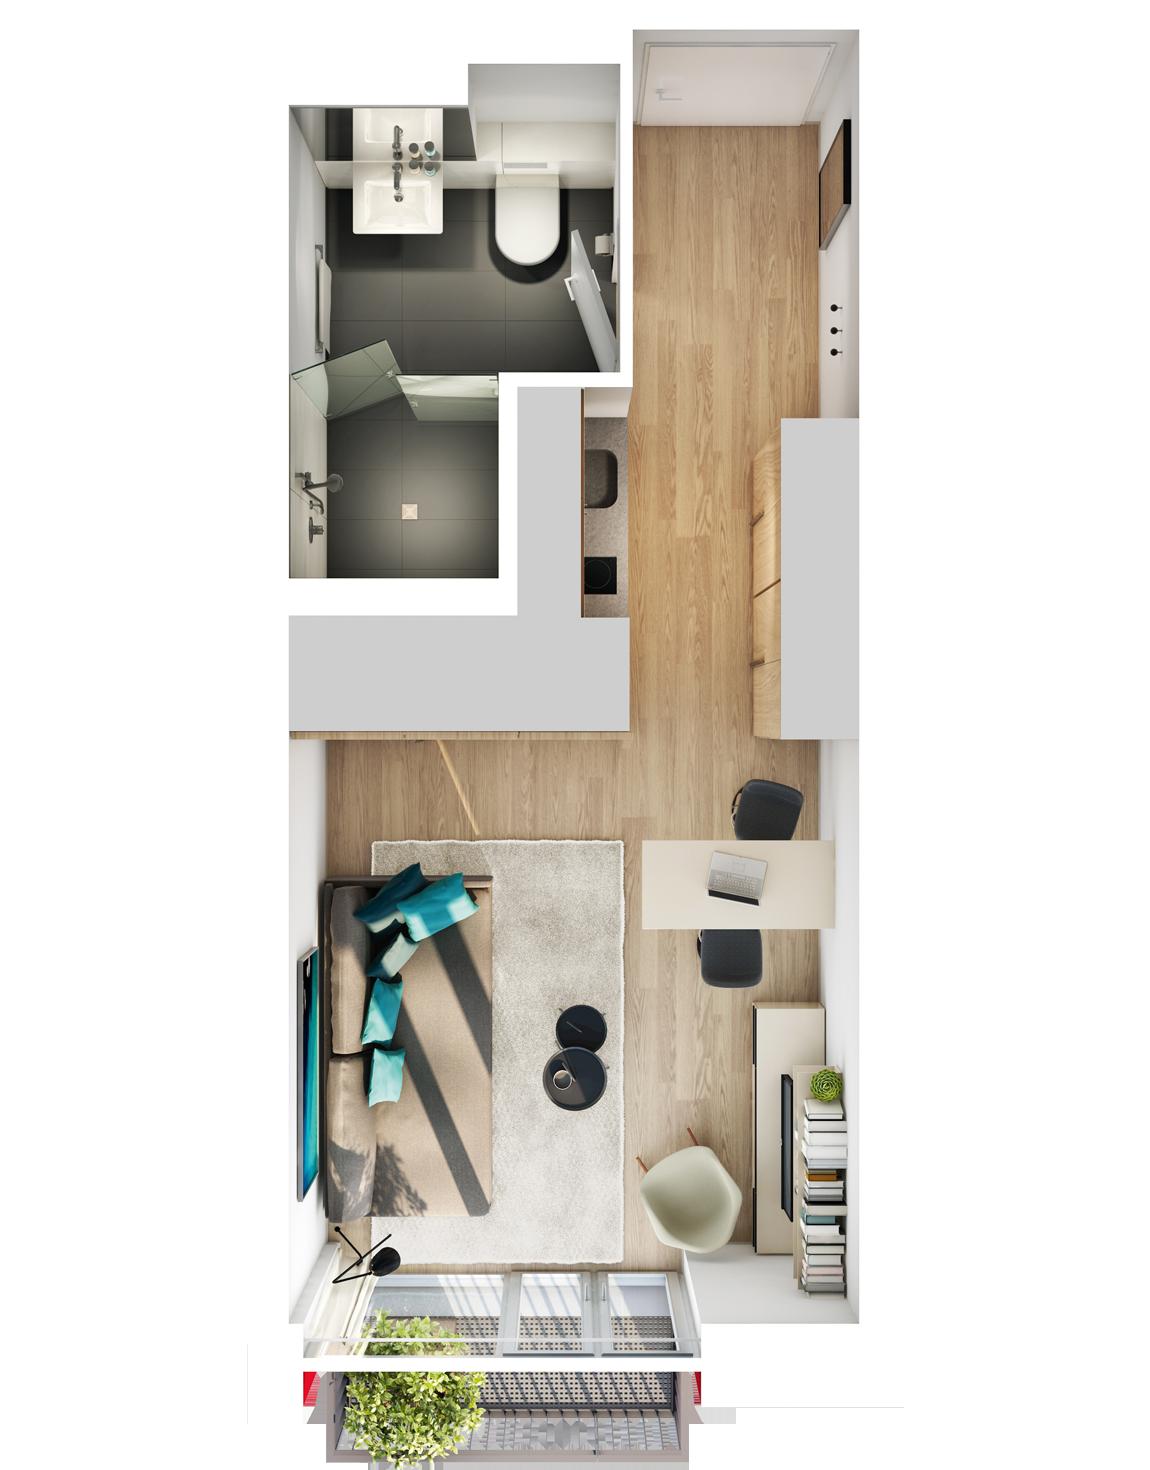 Visualisierung Beispiel 1-Zimmer-Wohnung Typ K mit Bad, Küchenzeile, Wohnbereich und Balkon im studiosus 5 Apartmenthaus in Augsburg